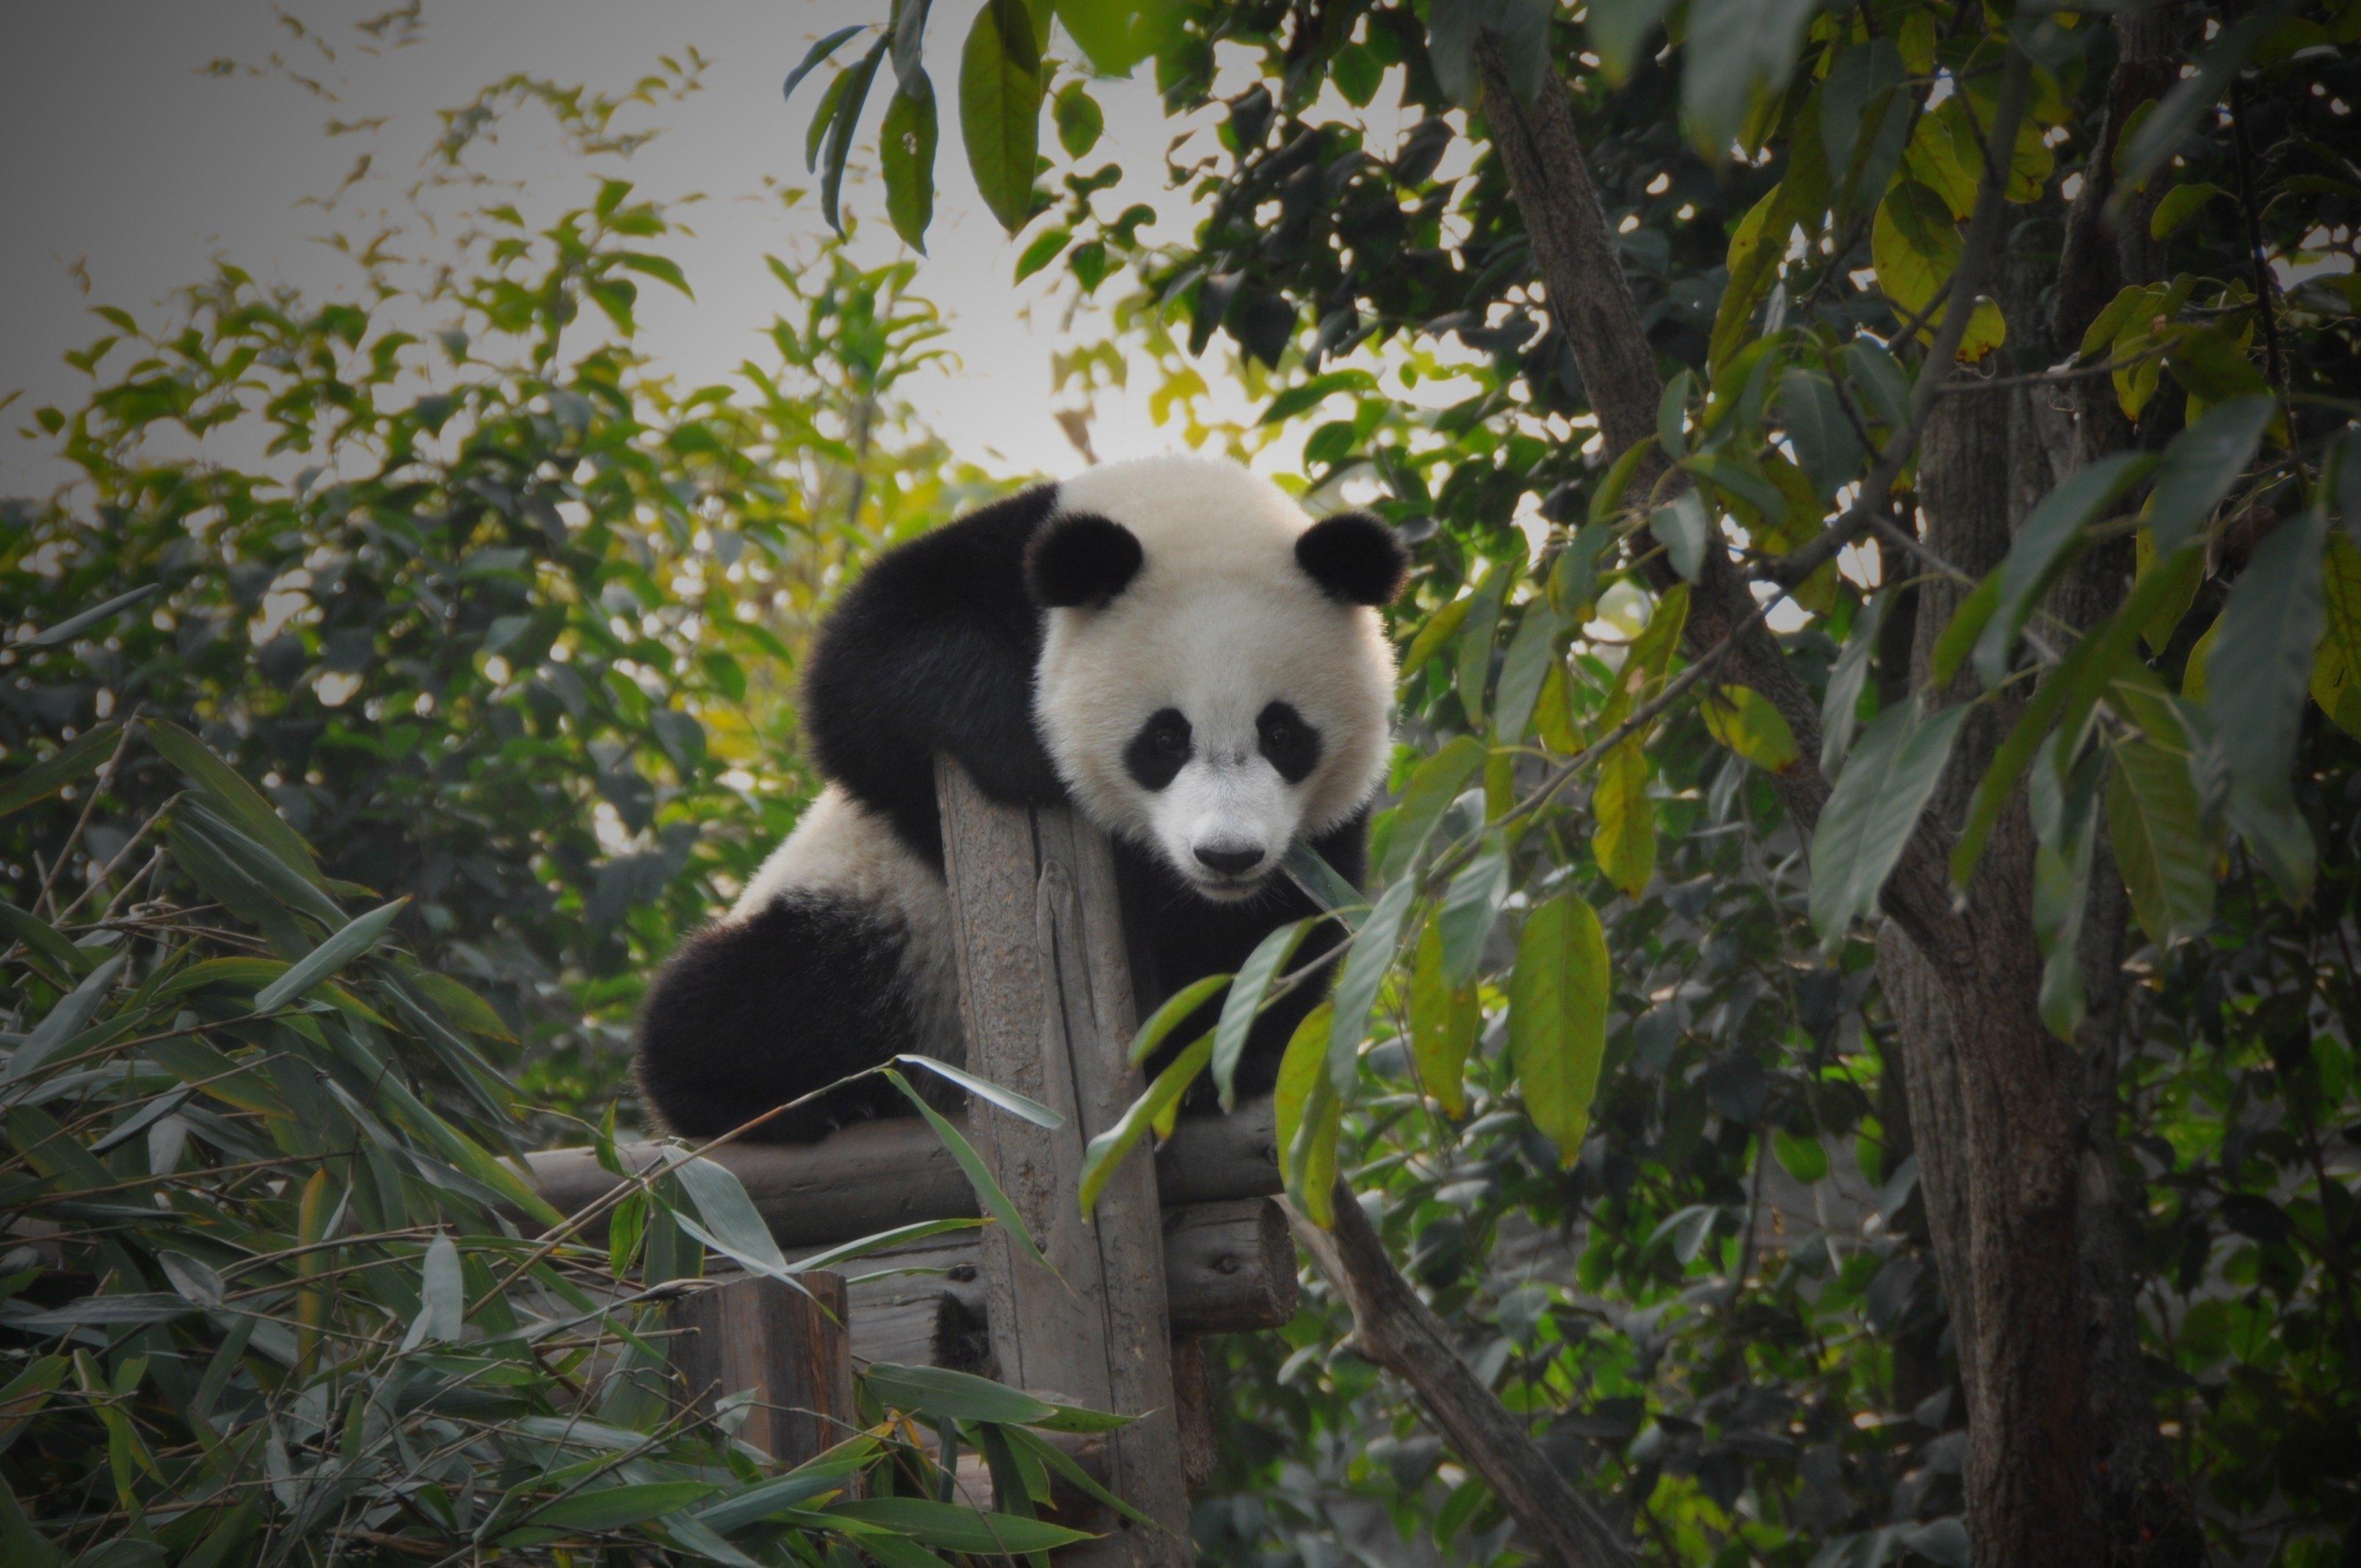 壁纸 大熊猫 动物 3216_2136